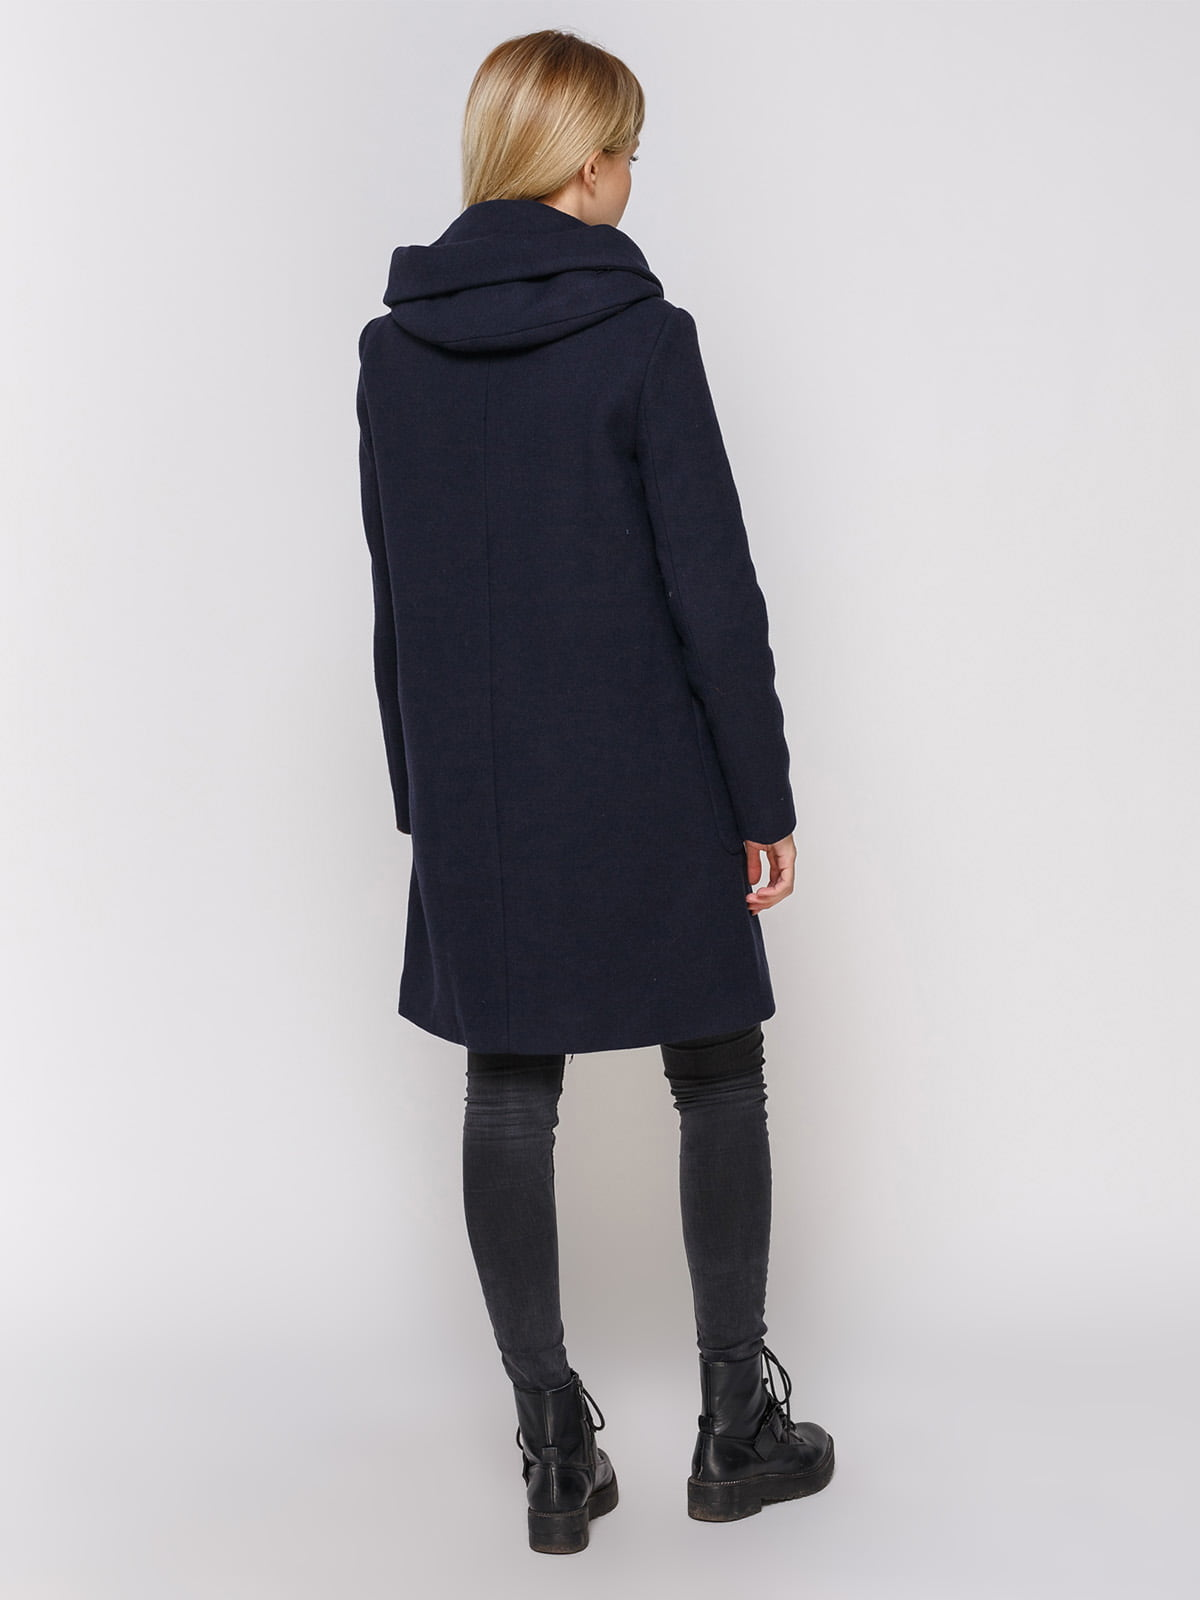 Пальто темно-синее | 3910525 | фото 3